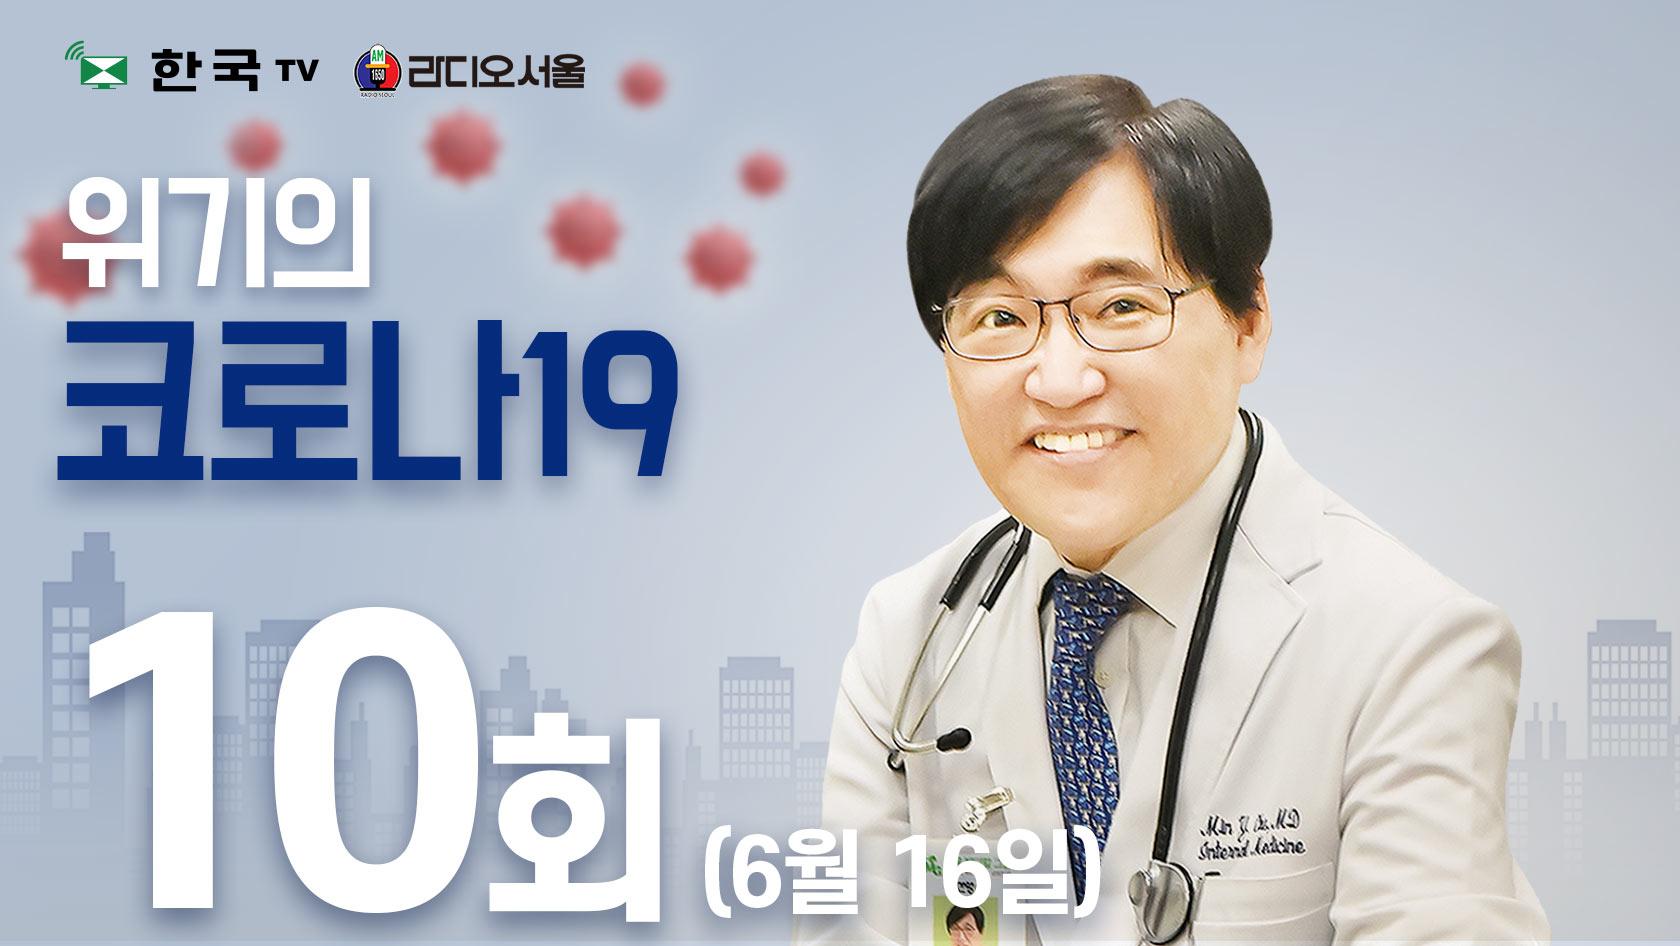 [차민영 박사] - 10회 위기의 코로나19 코로나 19 어떻게 대처해야하나?(06.16.20)